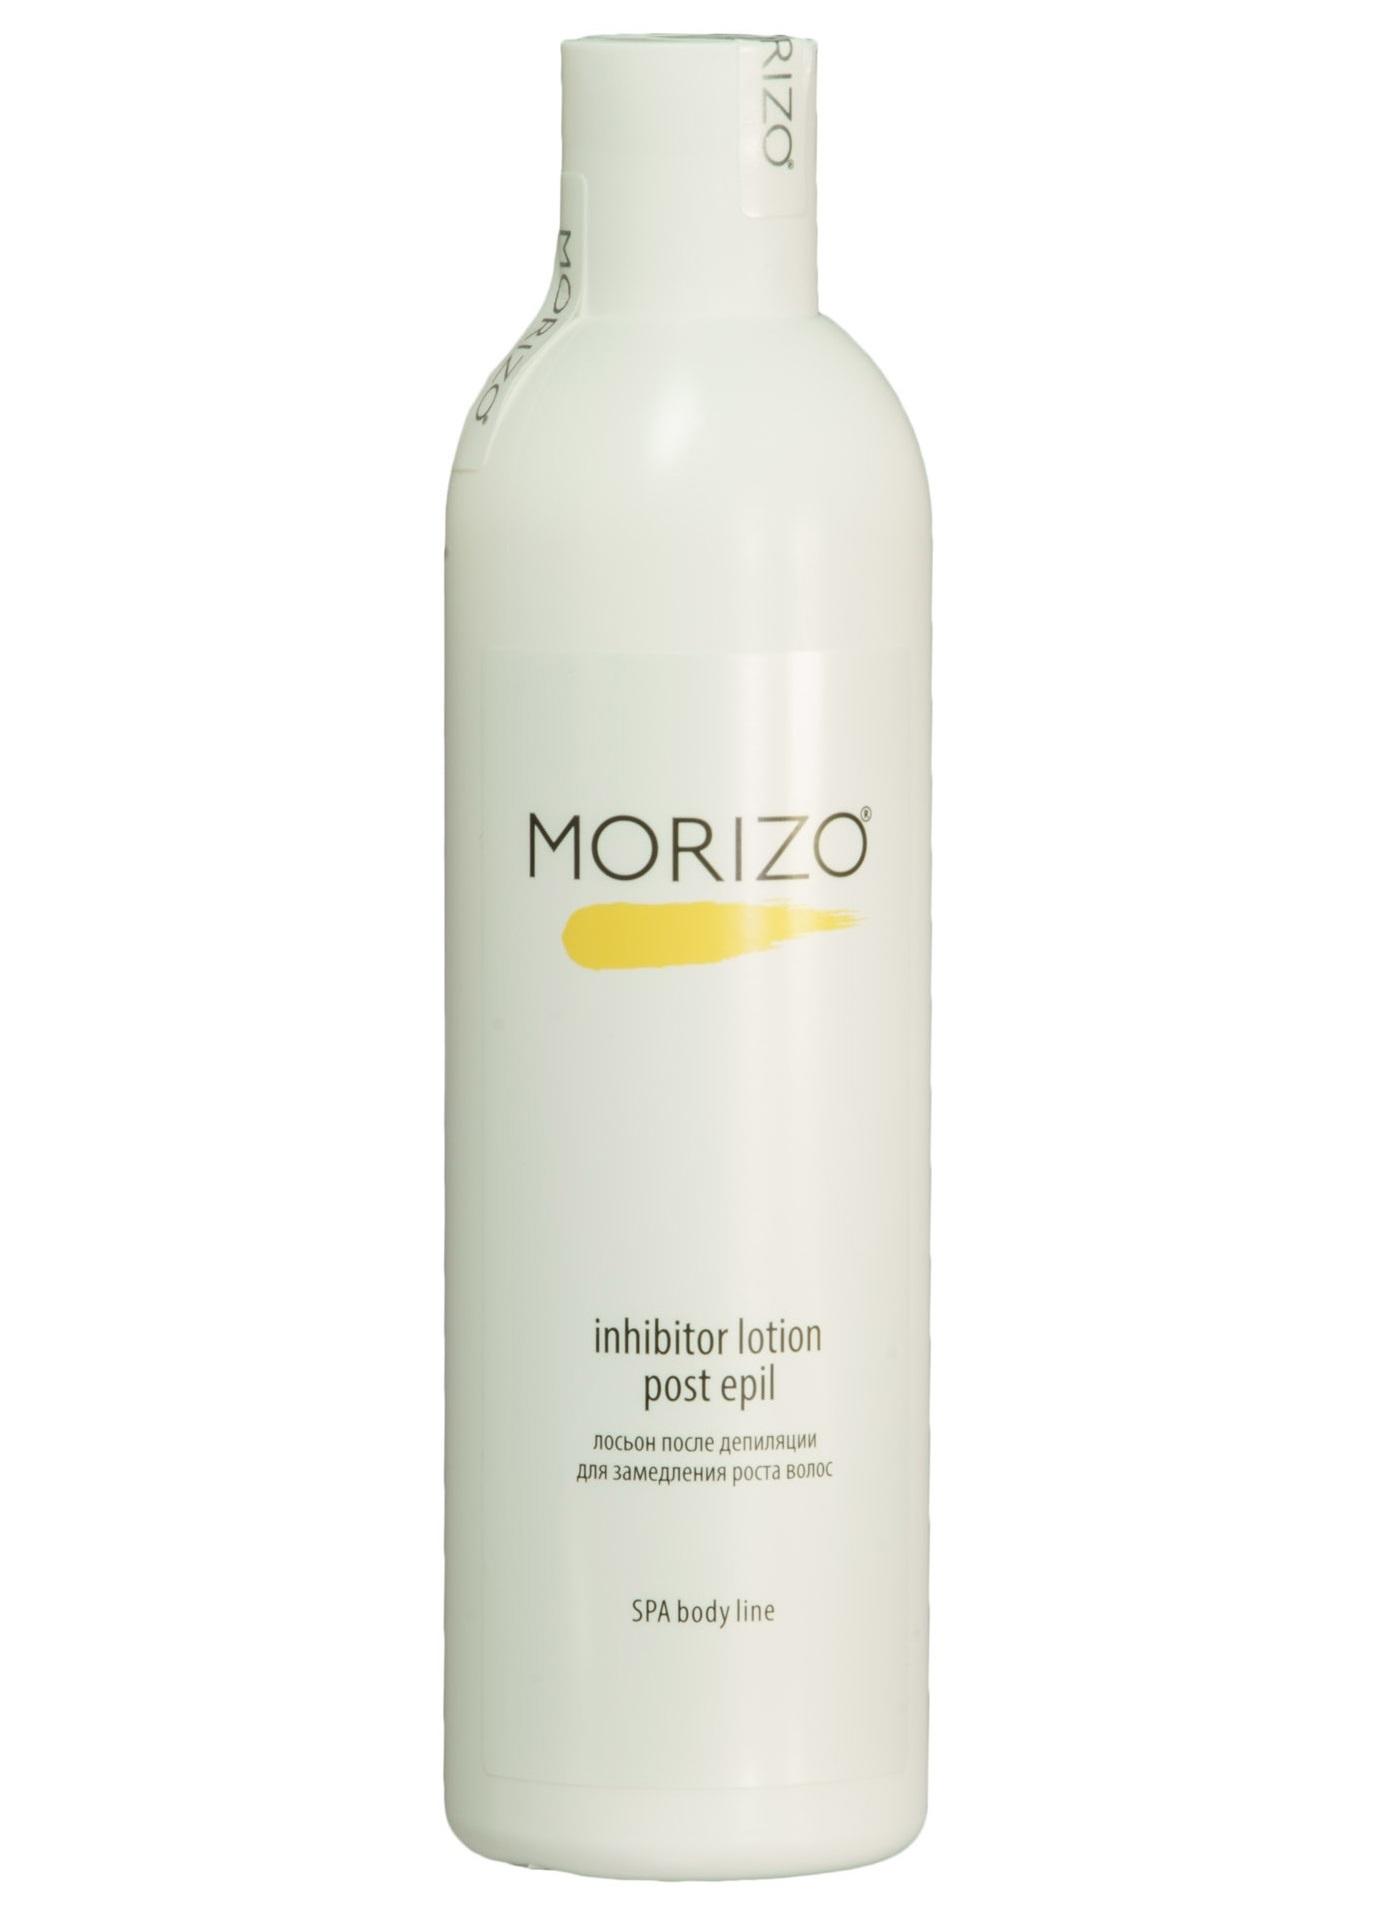 MORIZO Лосьон после депиляции для замедления роста волос 300 мл